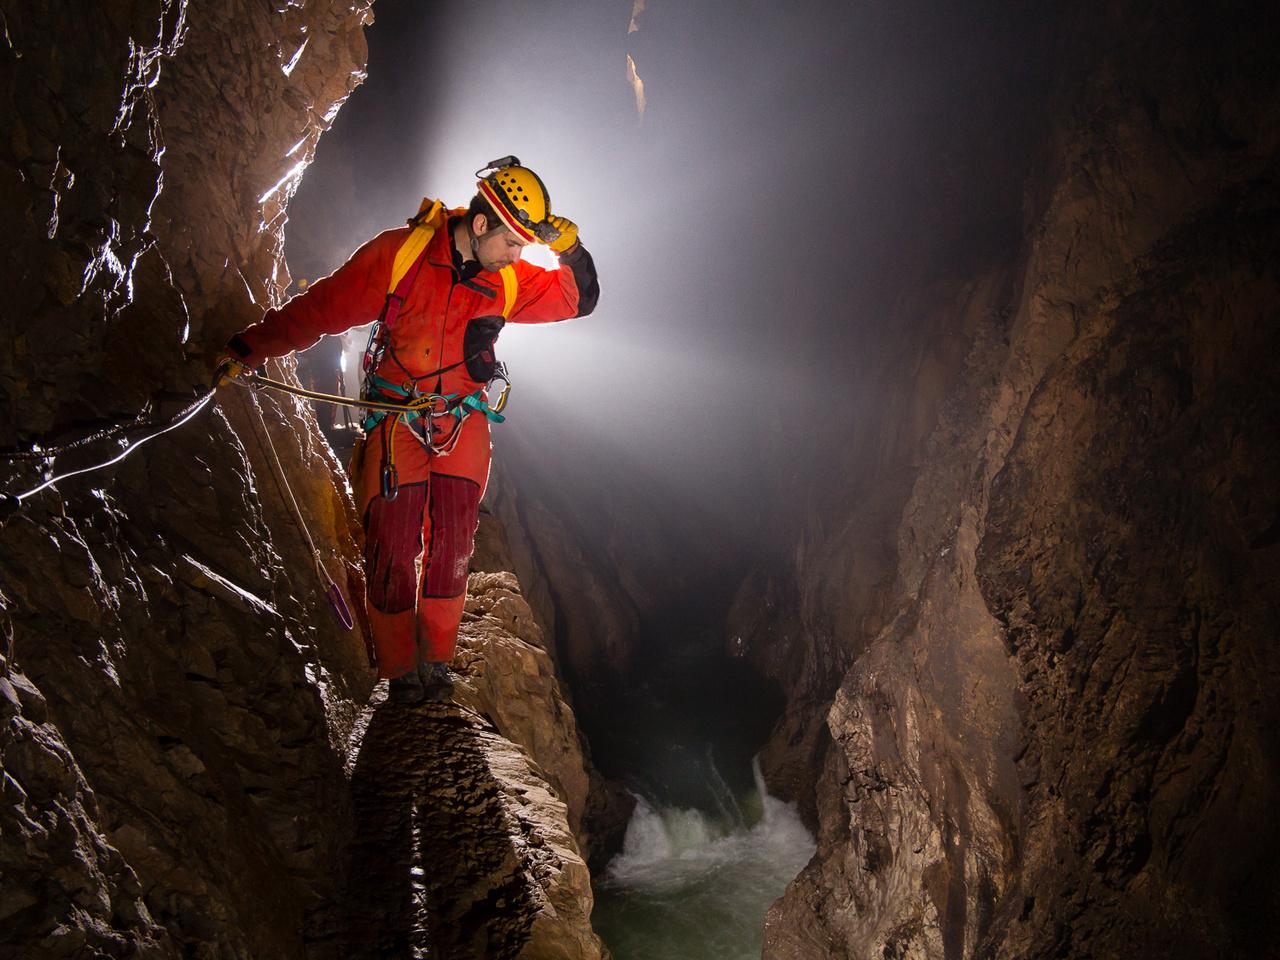 A szlovéniai Skocjan-barlangban évente több százezer látogatót ejt ámulatba az 80-100 méter magas folyosókban dübörgő víz, de a látogatók által elzárt részek is hasonlóan monumentálisak. A barlang végpontjához néhol csak a több tíz méteres magasságban futó, keskeny, drótkötéllel biztosított párkányokon lehet eljutni.